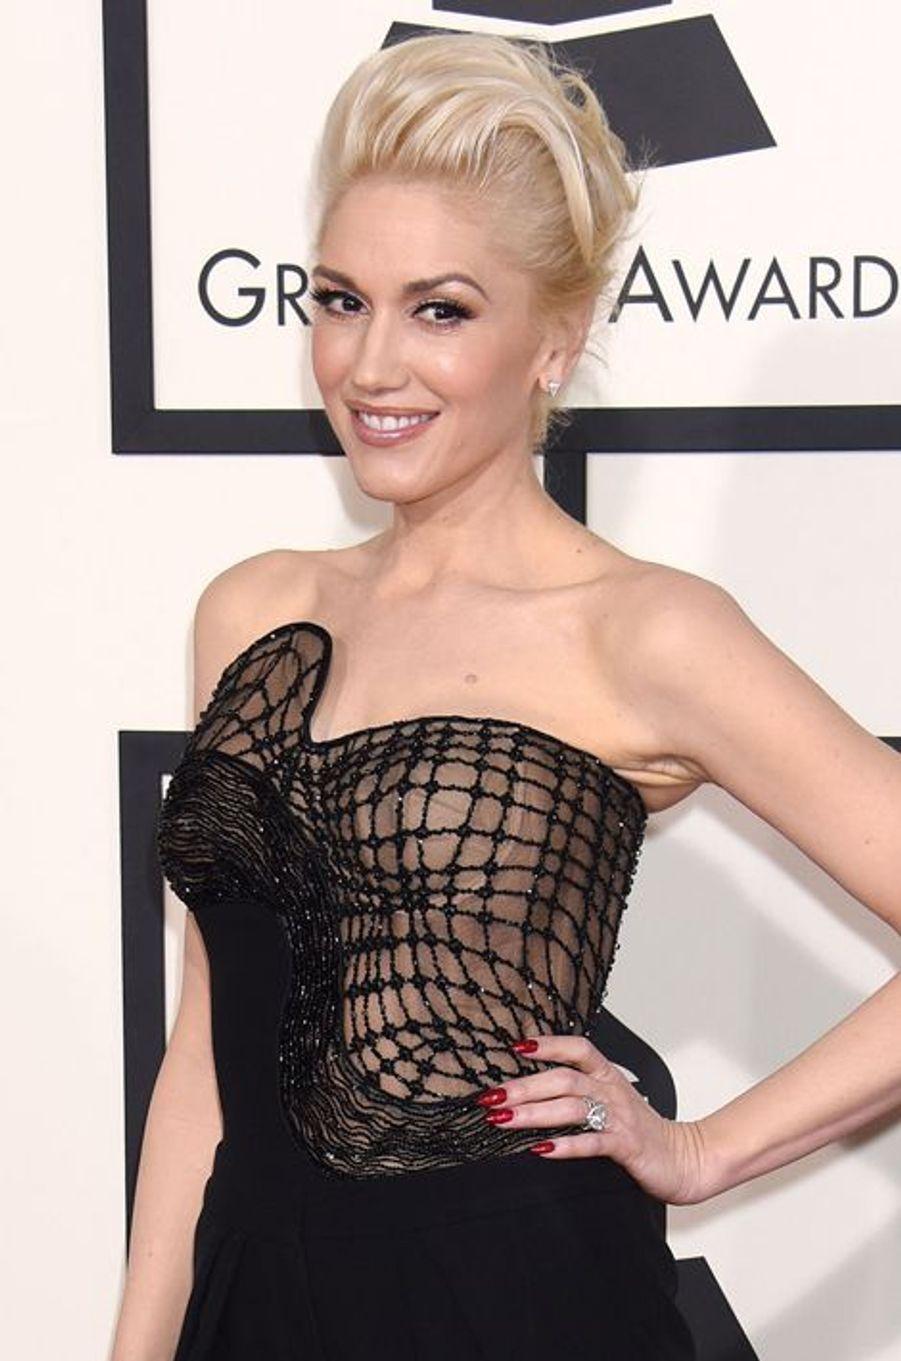 Il s'agit de Gwen Stefani